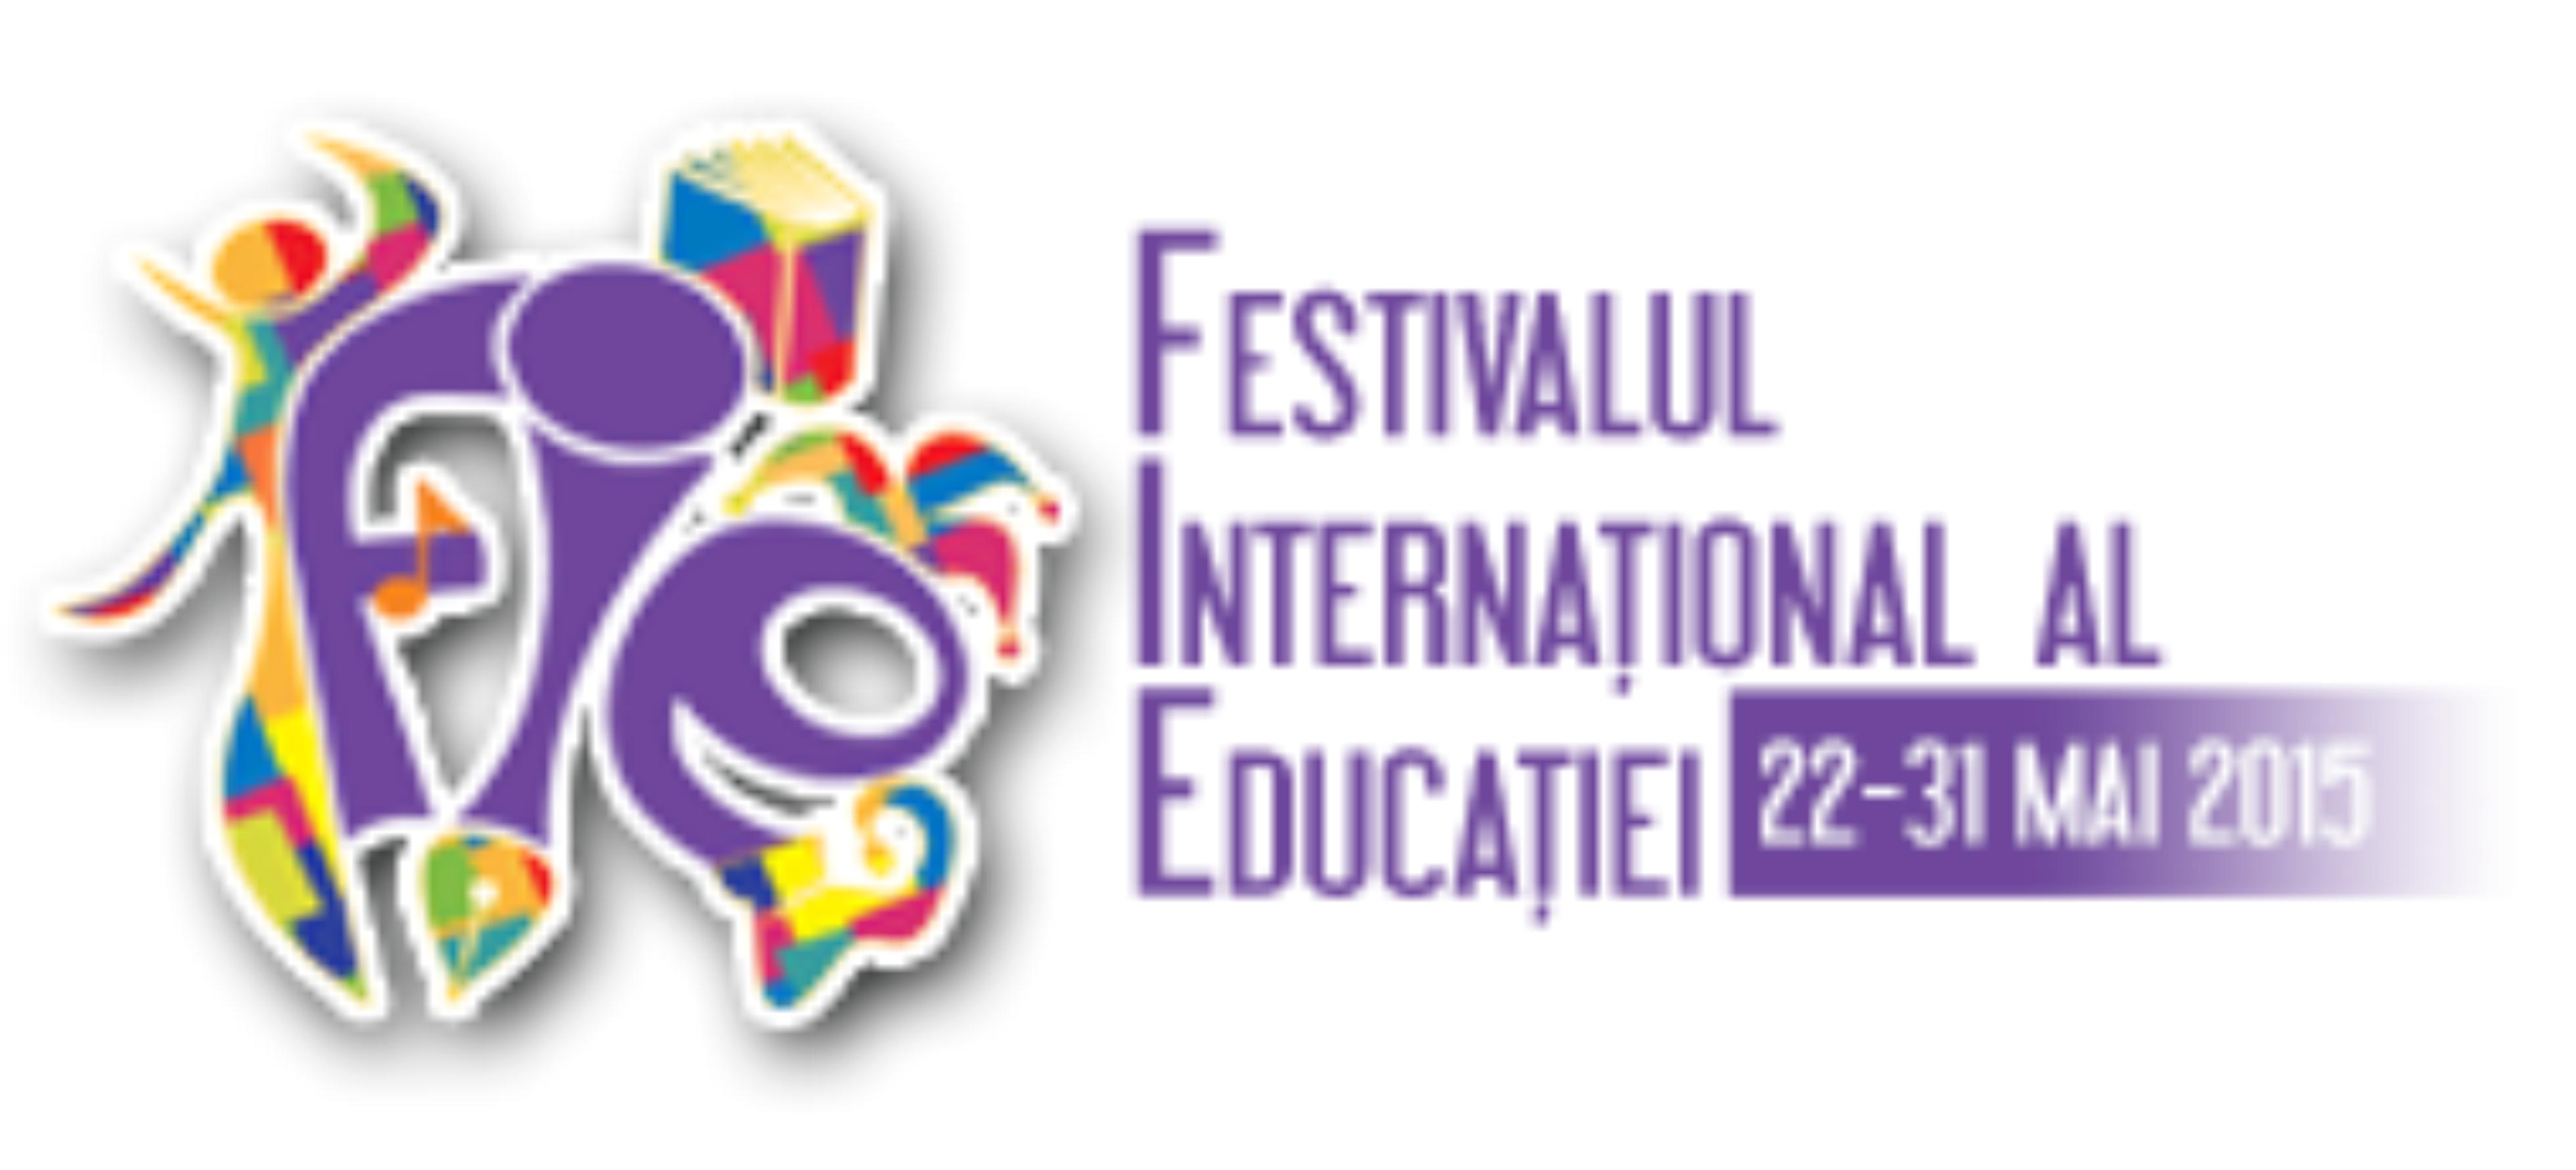 FESTIVALUL INTERNAȚIONAL AL EDUCAȚIEI, 2015